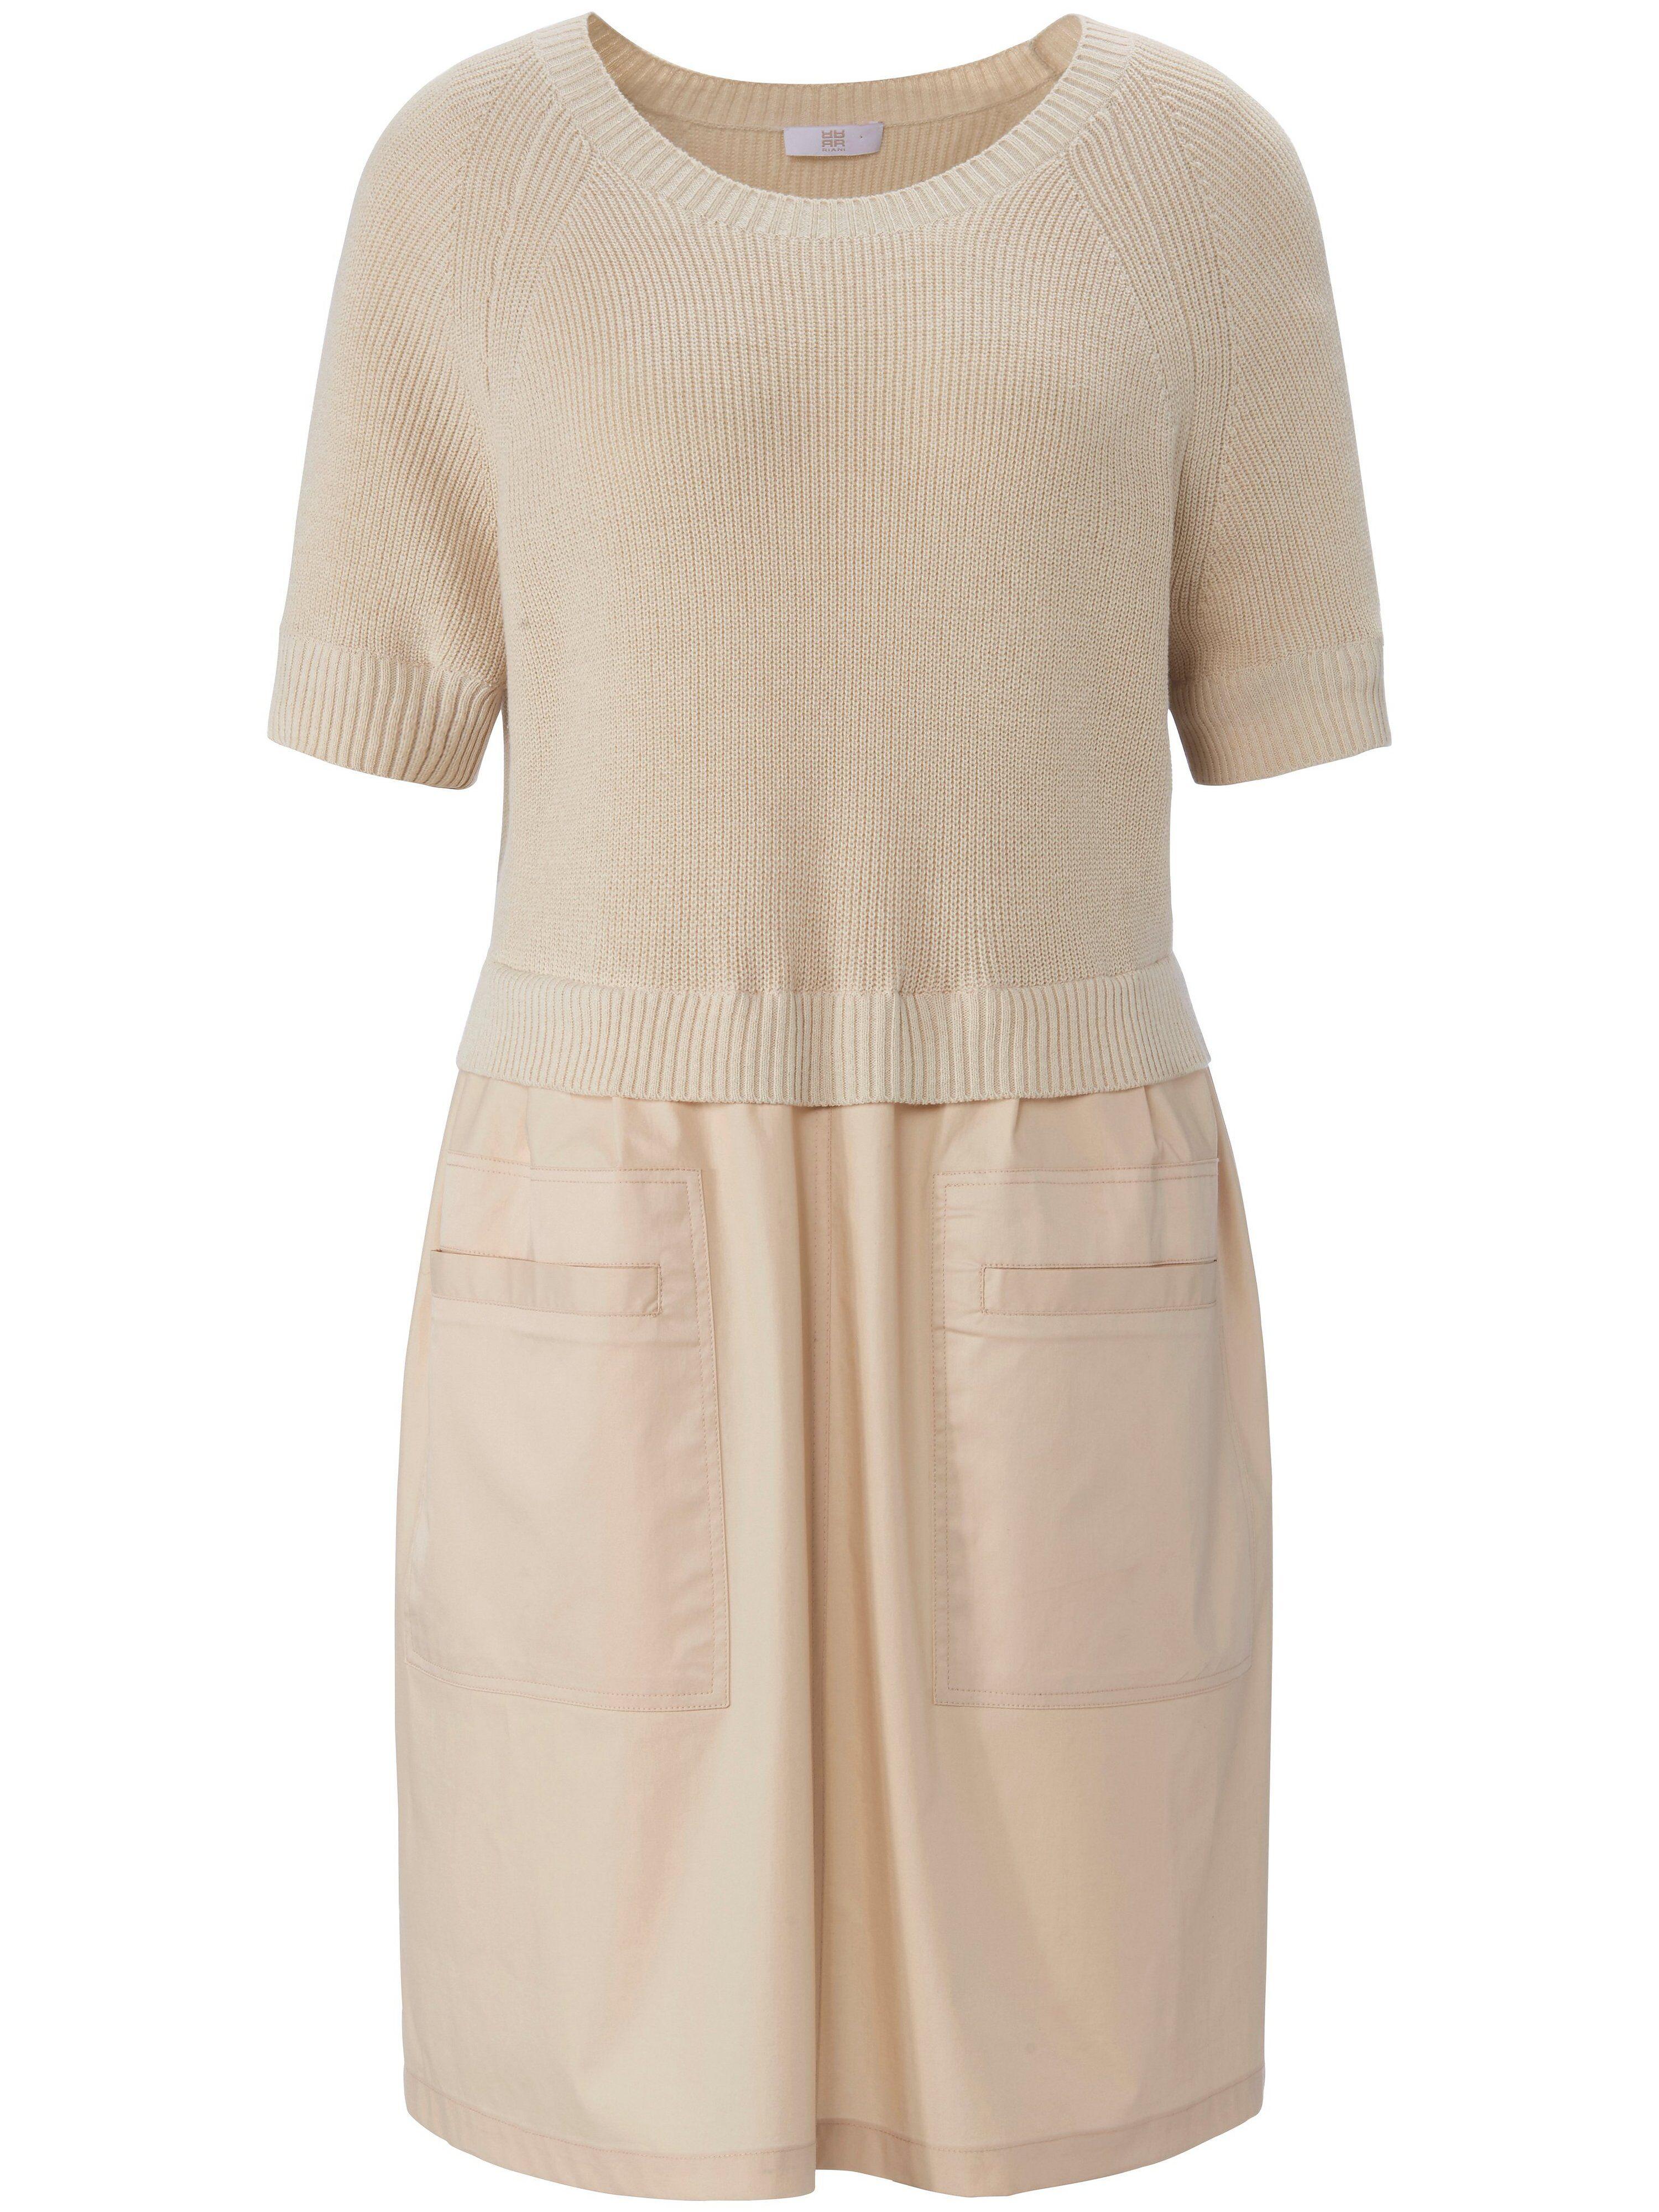 Riani La robe ligne légèrement évasée  Riani beige  - Femme - 44